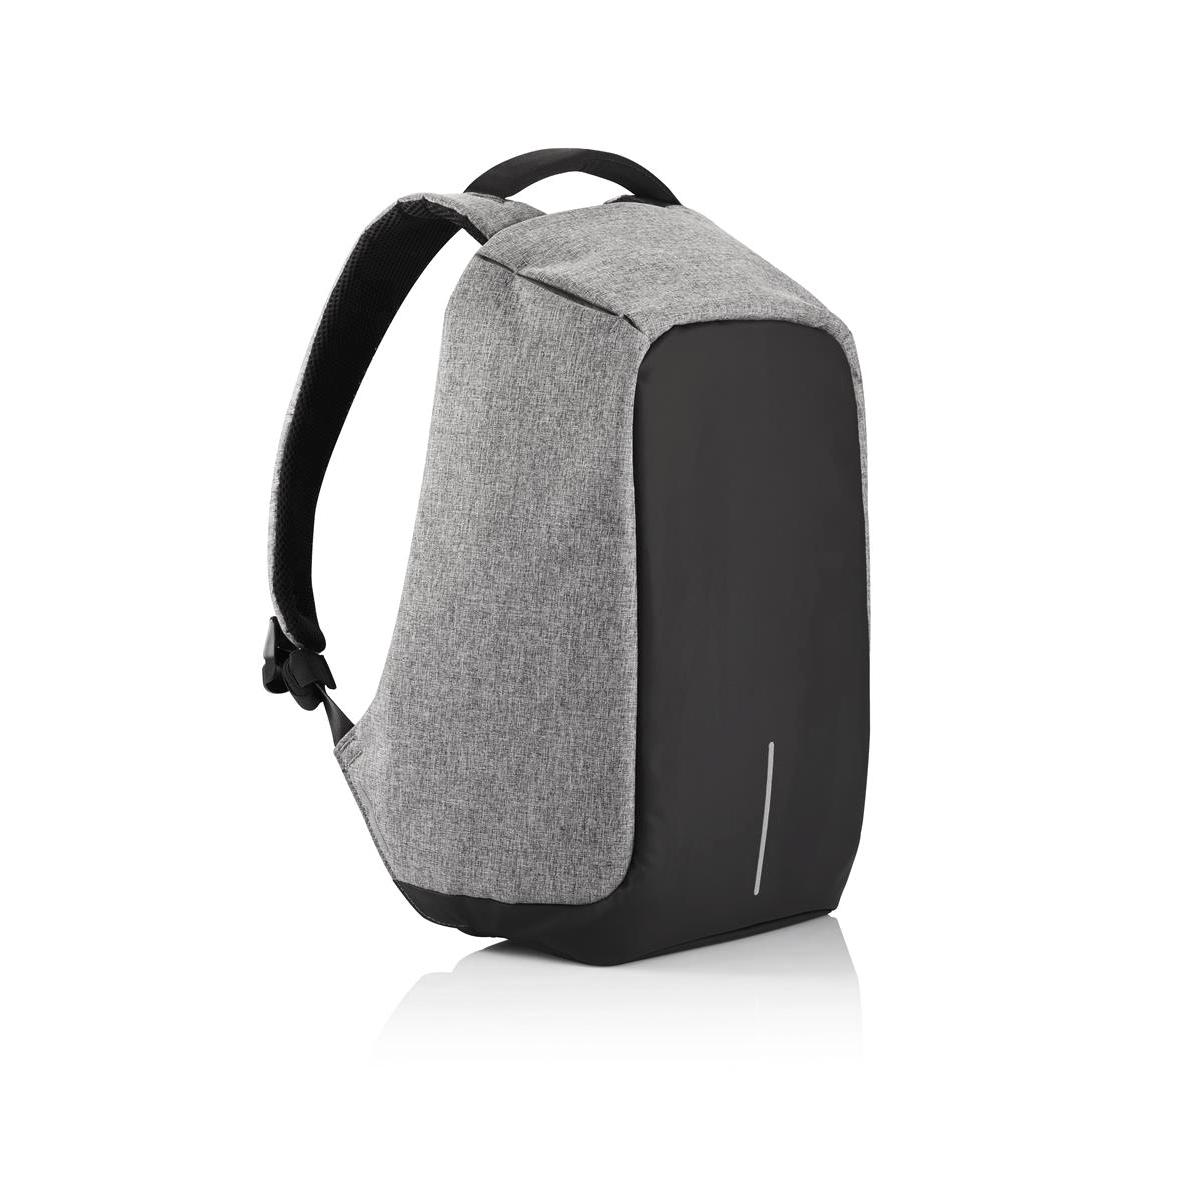 Рюкзак для ноутбука до 15 XD Design Bobby, цвет: серый. Р705.542Р705.542• Полная защита от карманников: не открыть, не порезать • USB-порт для зарядки гаджетов от спрятонного внутри рюкзака аккумулятора • Светоотражающие полосы • Супер-легкий: на 25% легче аналогов • Отделение для ноутбука до 15,6 • Отделение для планшета • Влагозащита • Лямка для крепления на чемодан